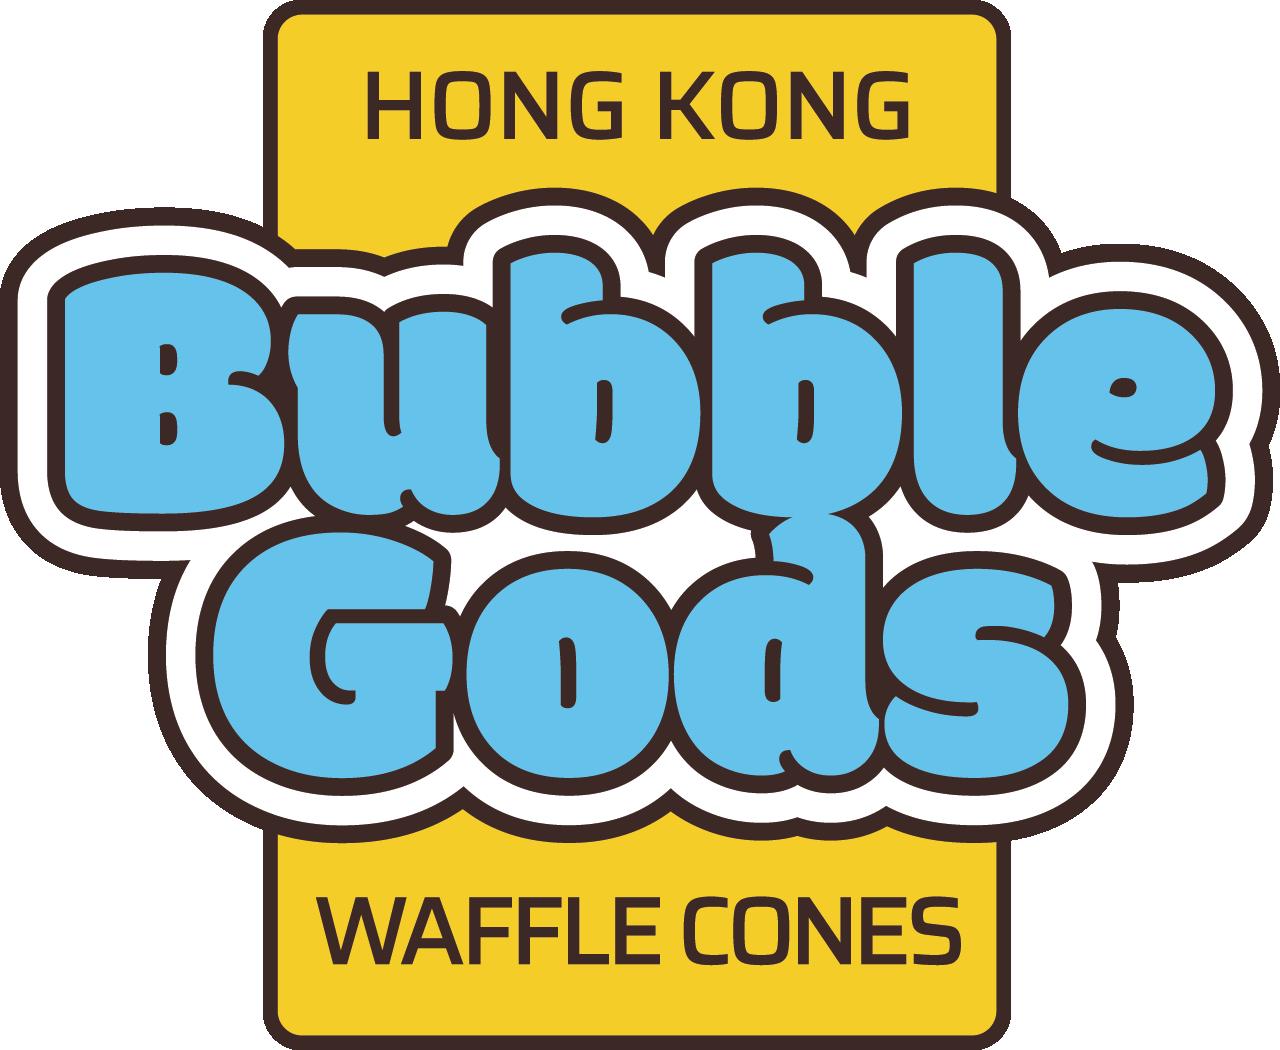 Branding design in London for street food vendor, Bubble Gods